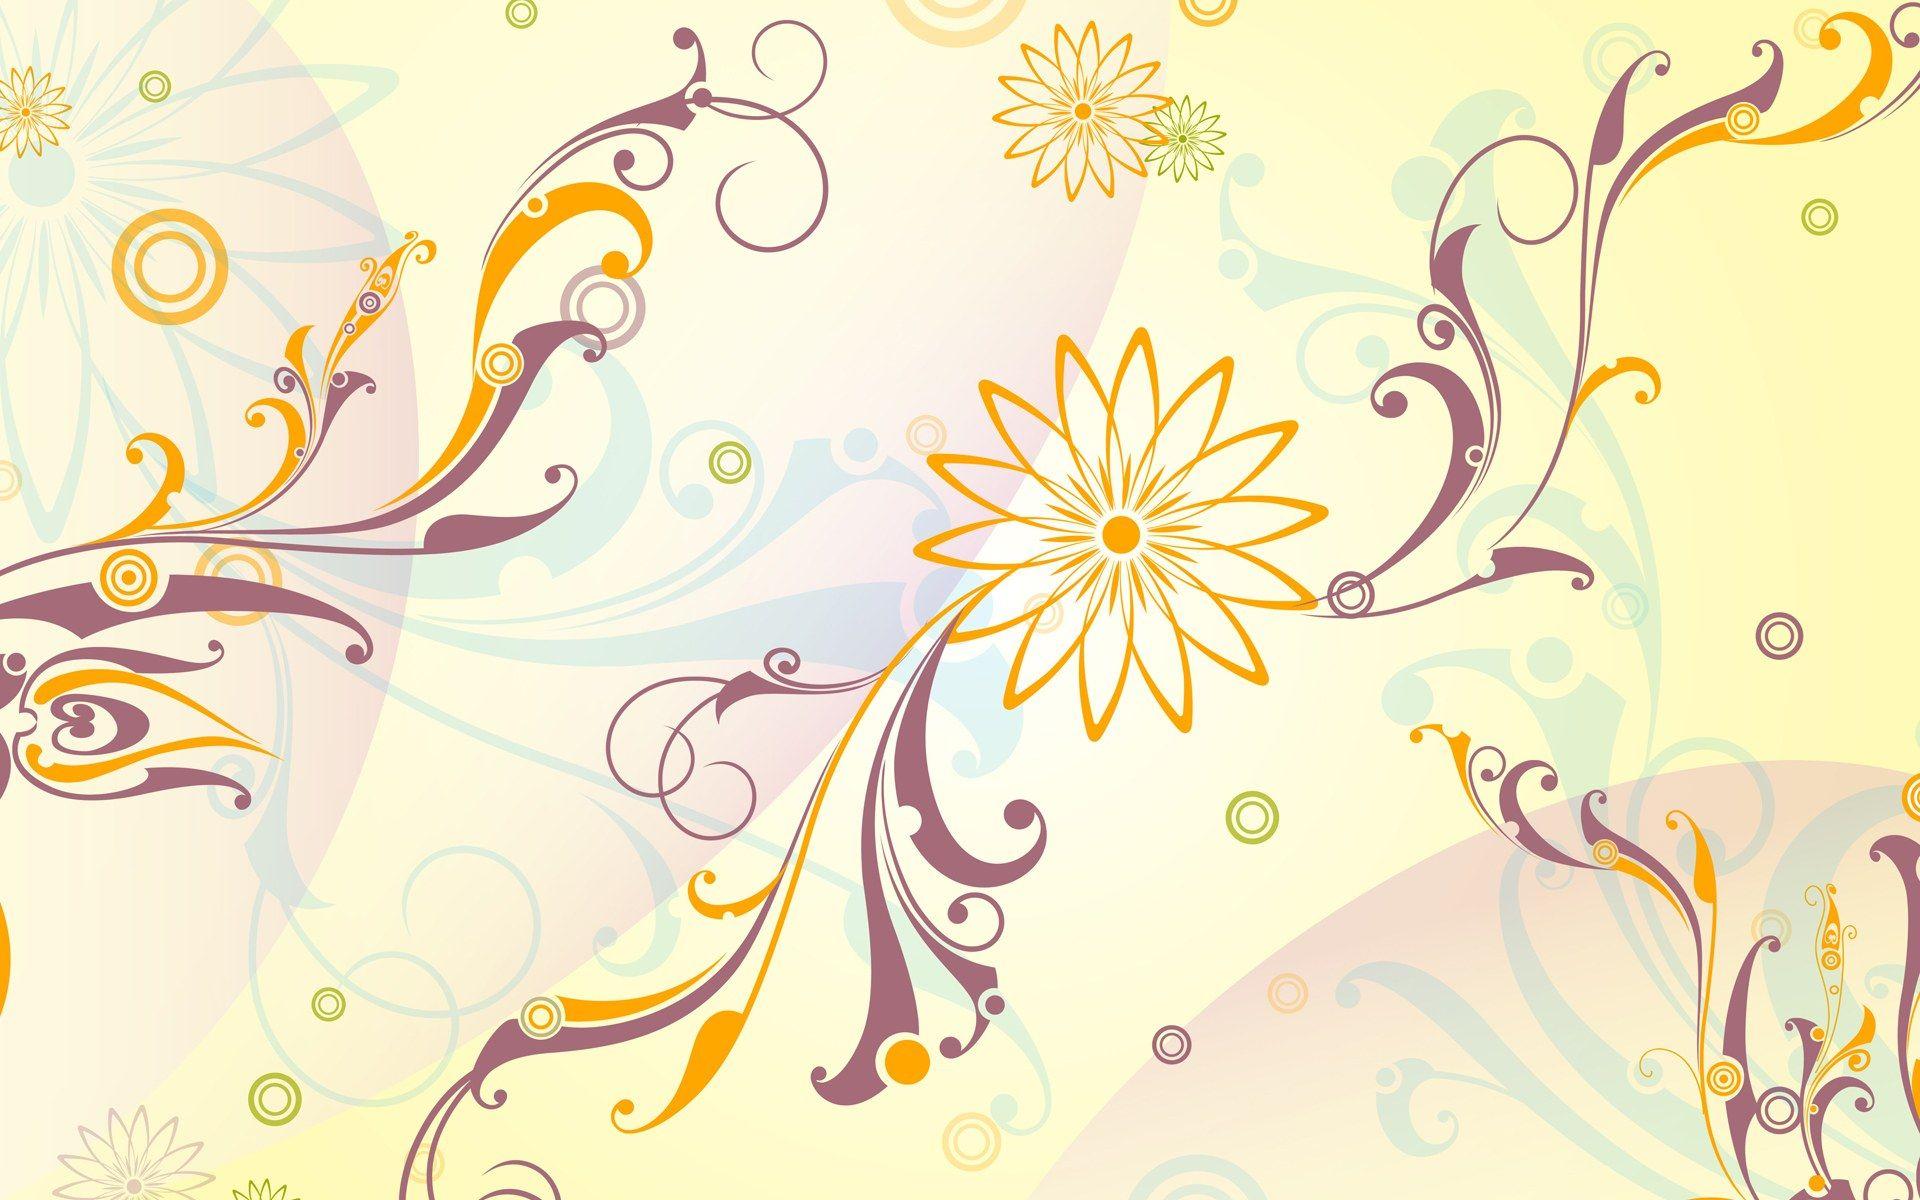 flower design hd wallpaper - photo #19